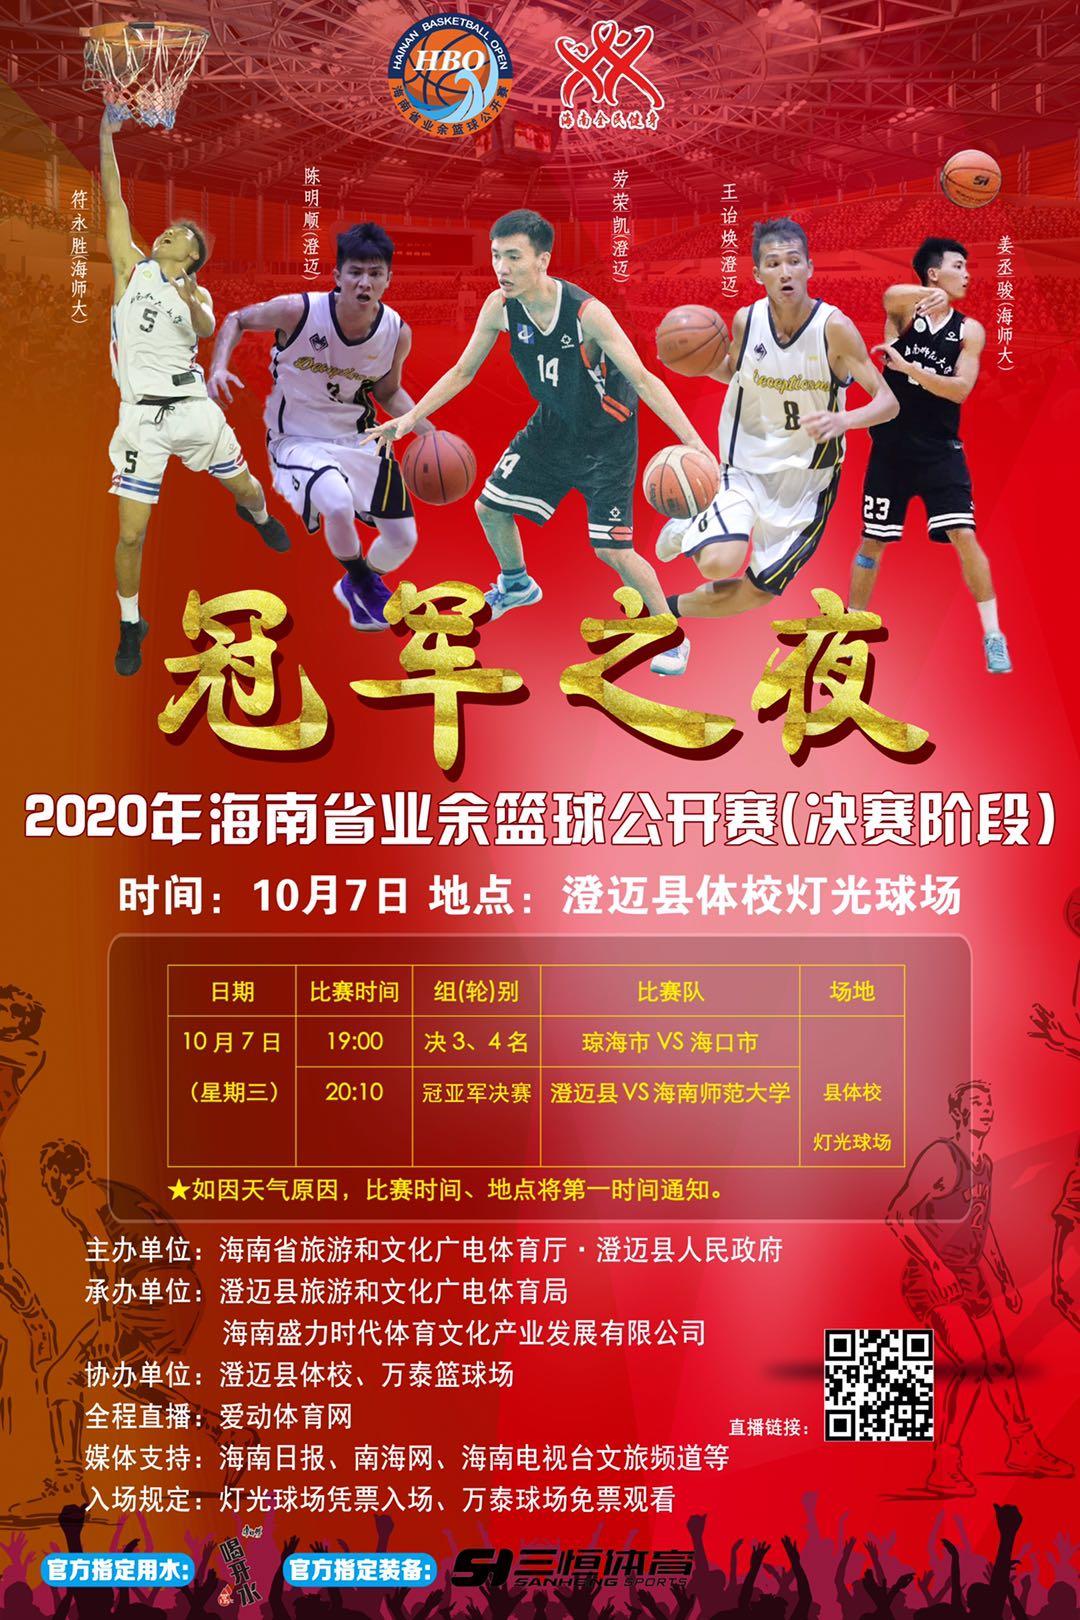 【回放】2020年biwei必威体育备用网站省业余篮球公开赛 7日 澄迈赛区